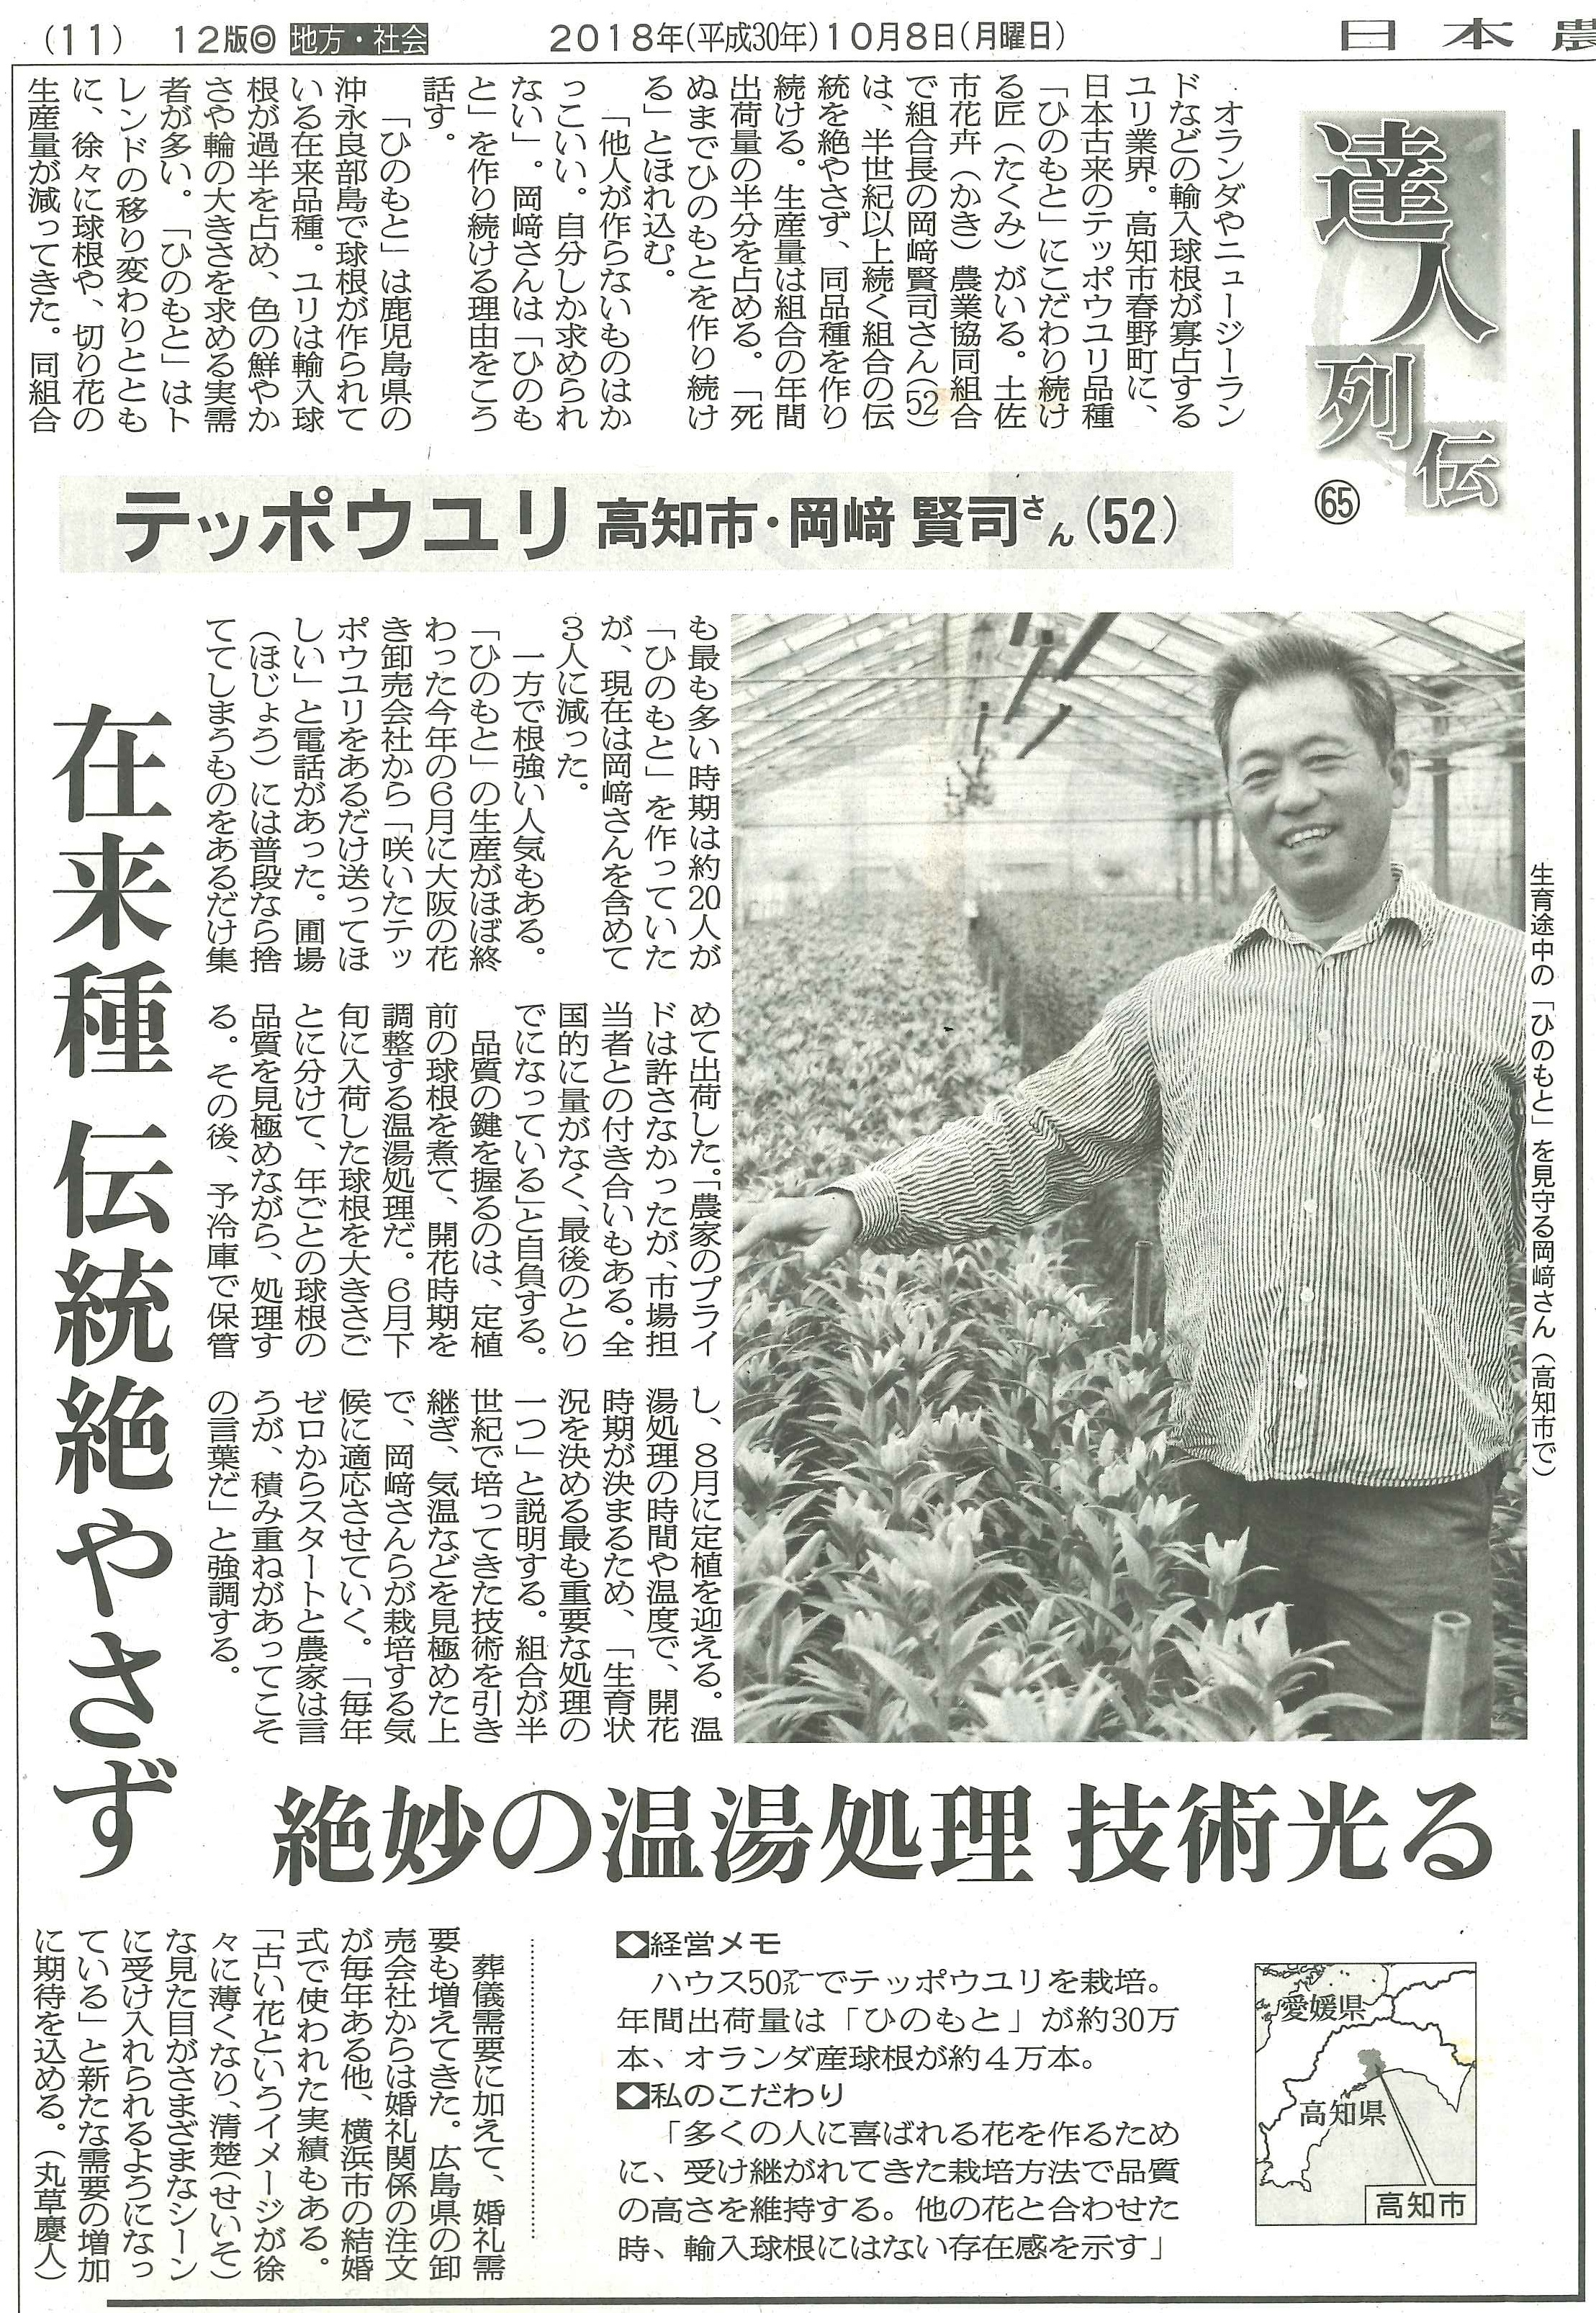 高知県の岡﨑様の記事が日本農業新聞に掲載されました(2018/10/11)